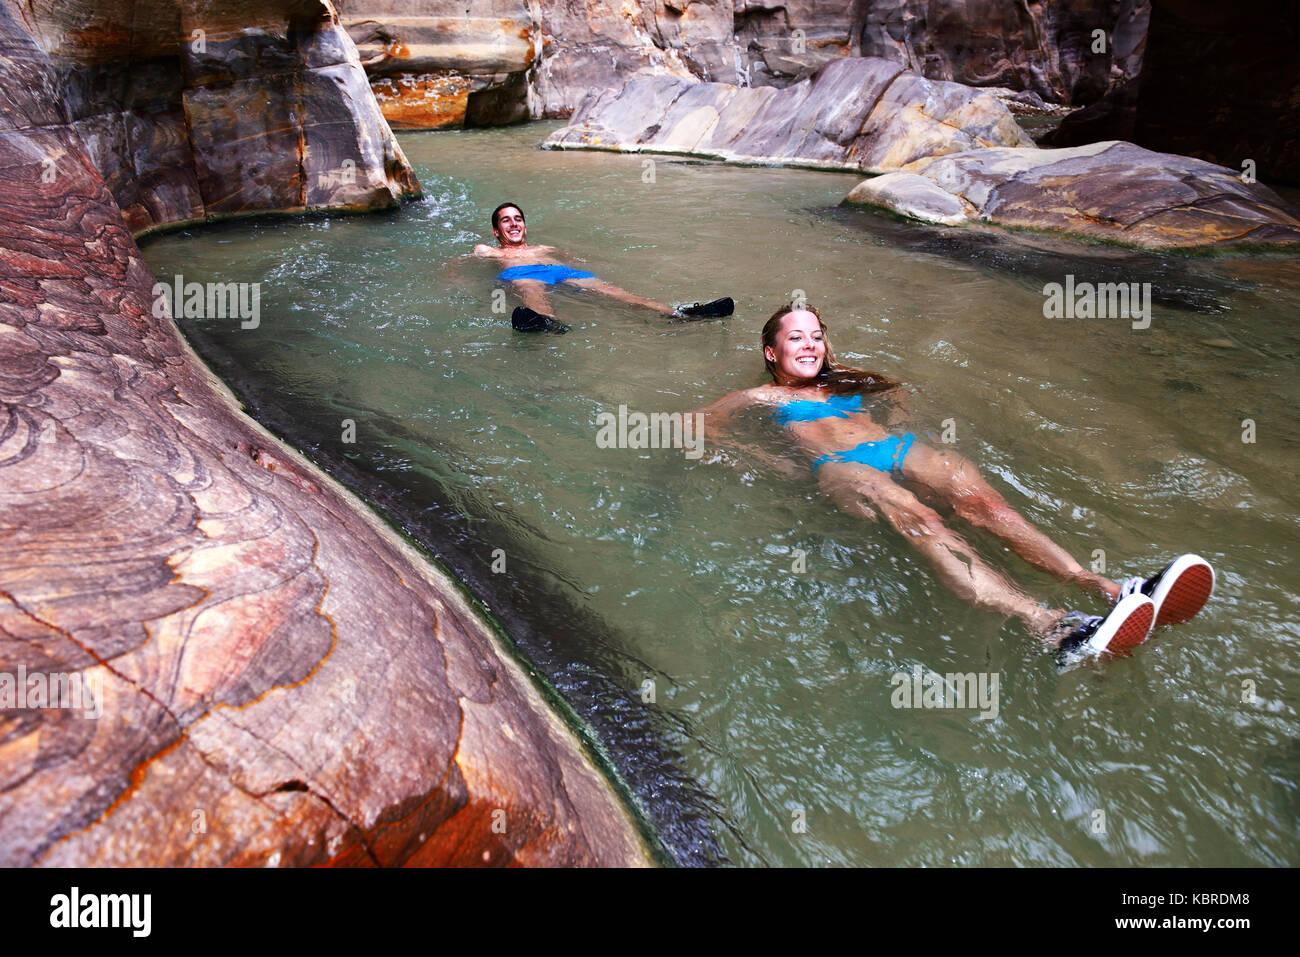 Pareja joven flota en el cañón de Wadi Mujib, Jordania Imagen De Stock